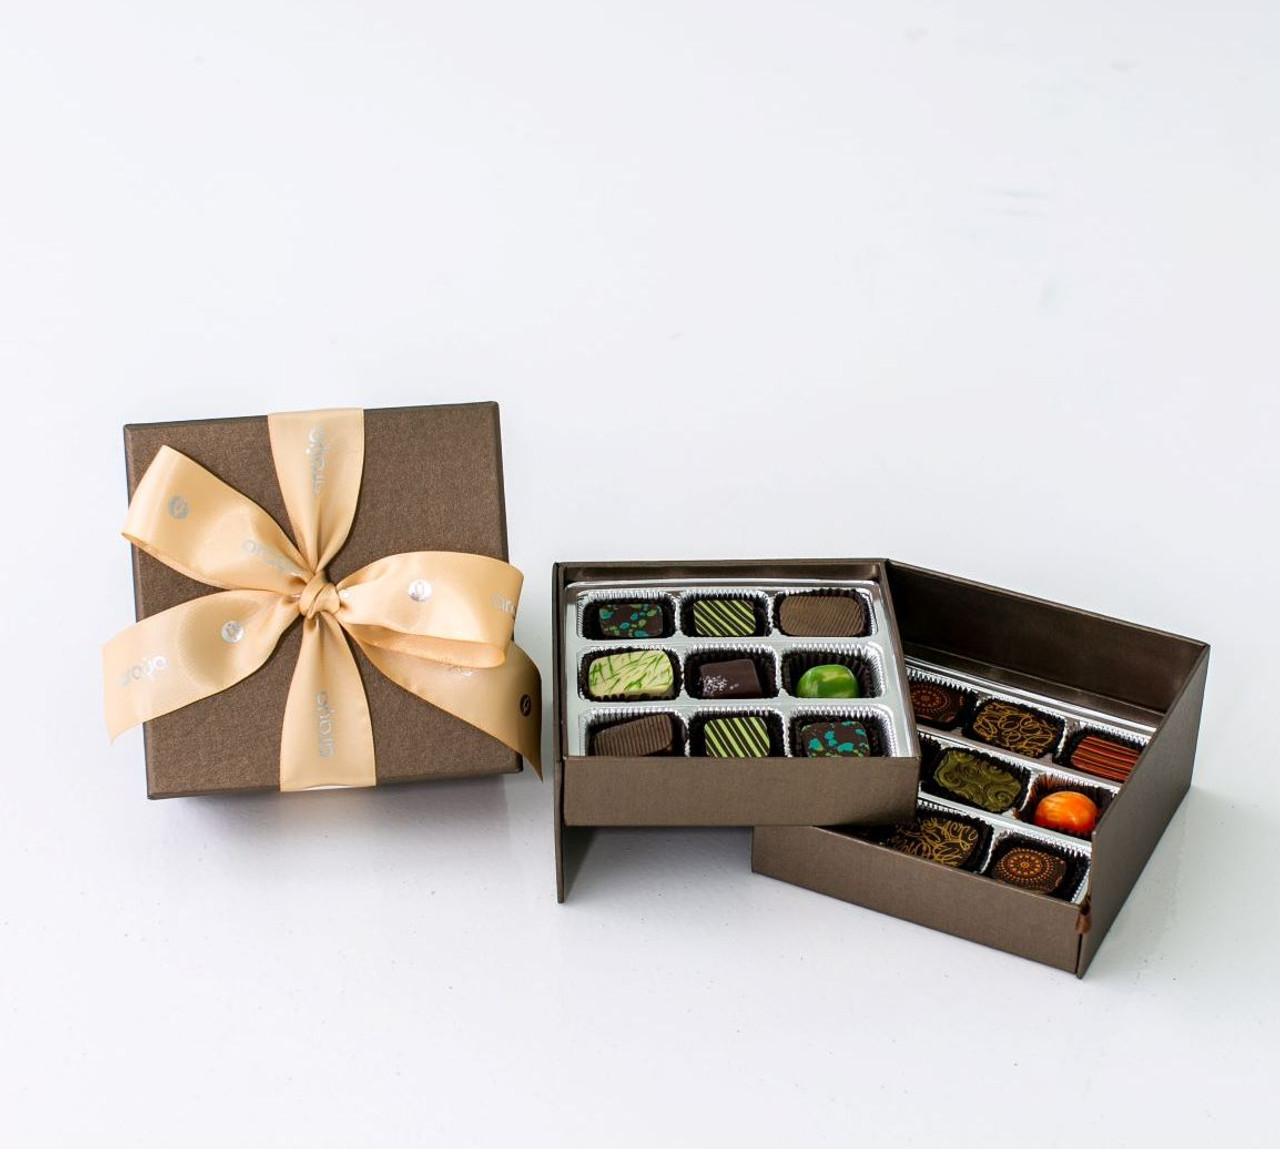 18 Chocolate Gift Box